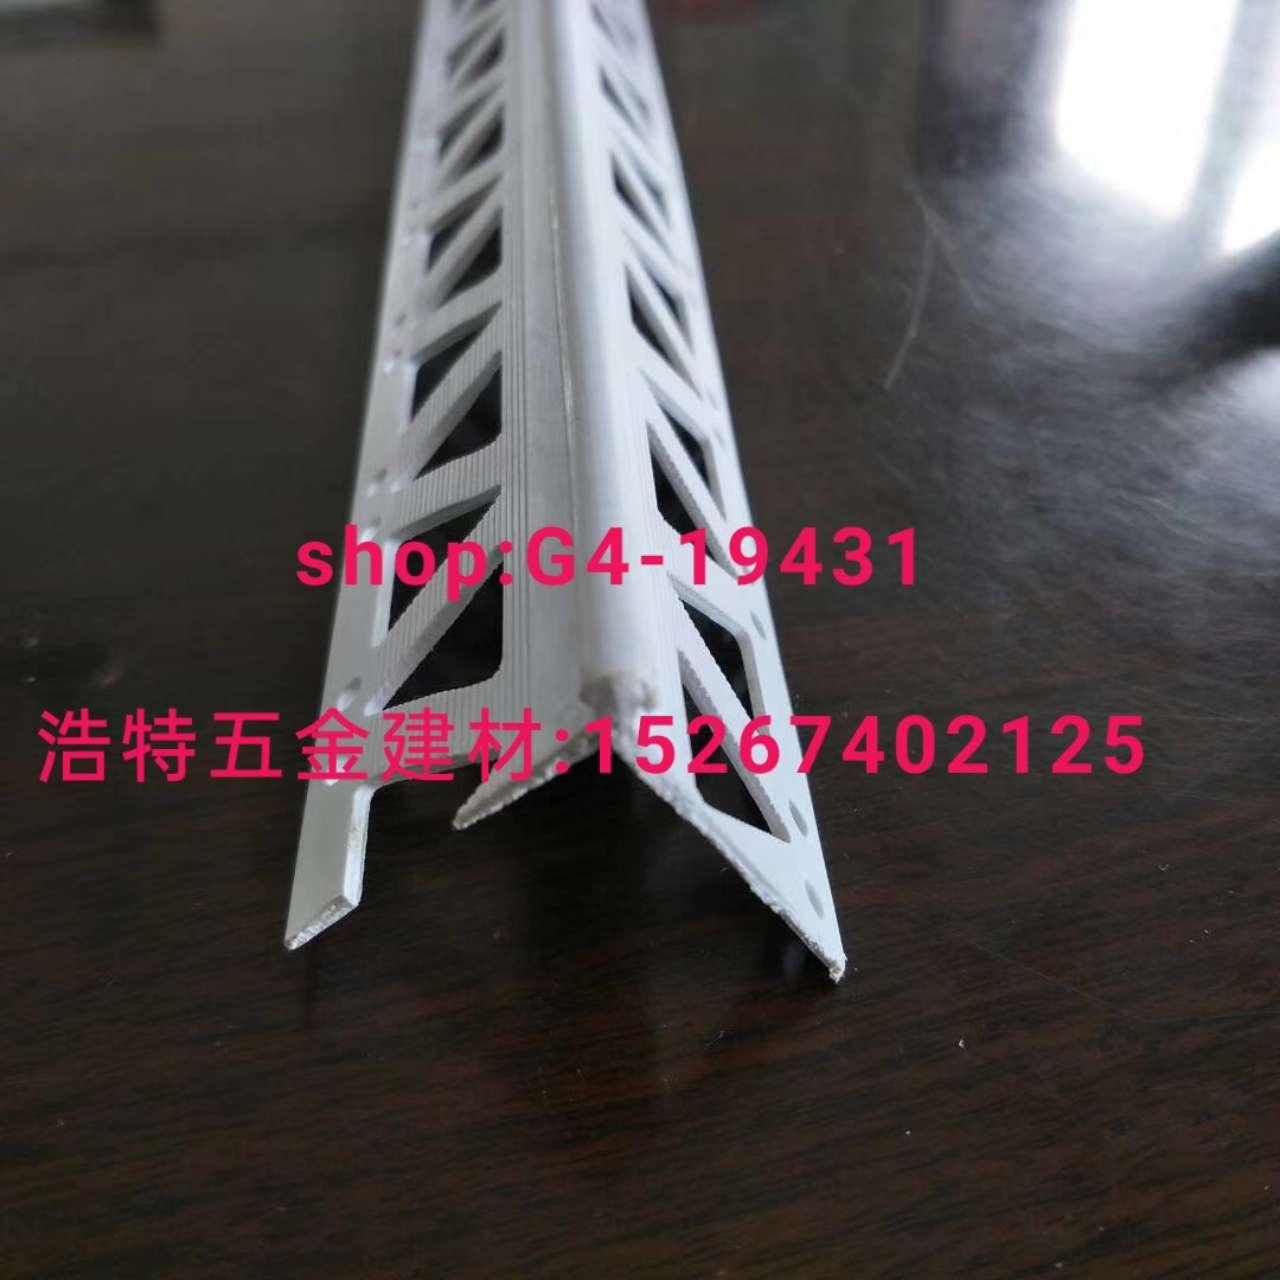 门套线铝护角条阳角条补缝条修边条分割条直角条卡槽开口条pvc护角网踢脚线铝条,